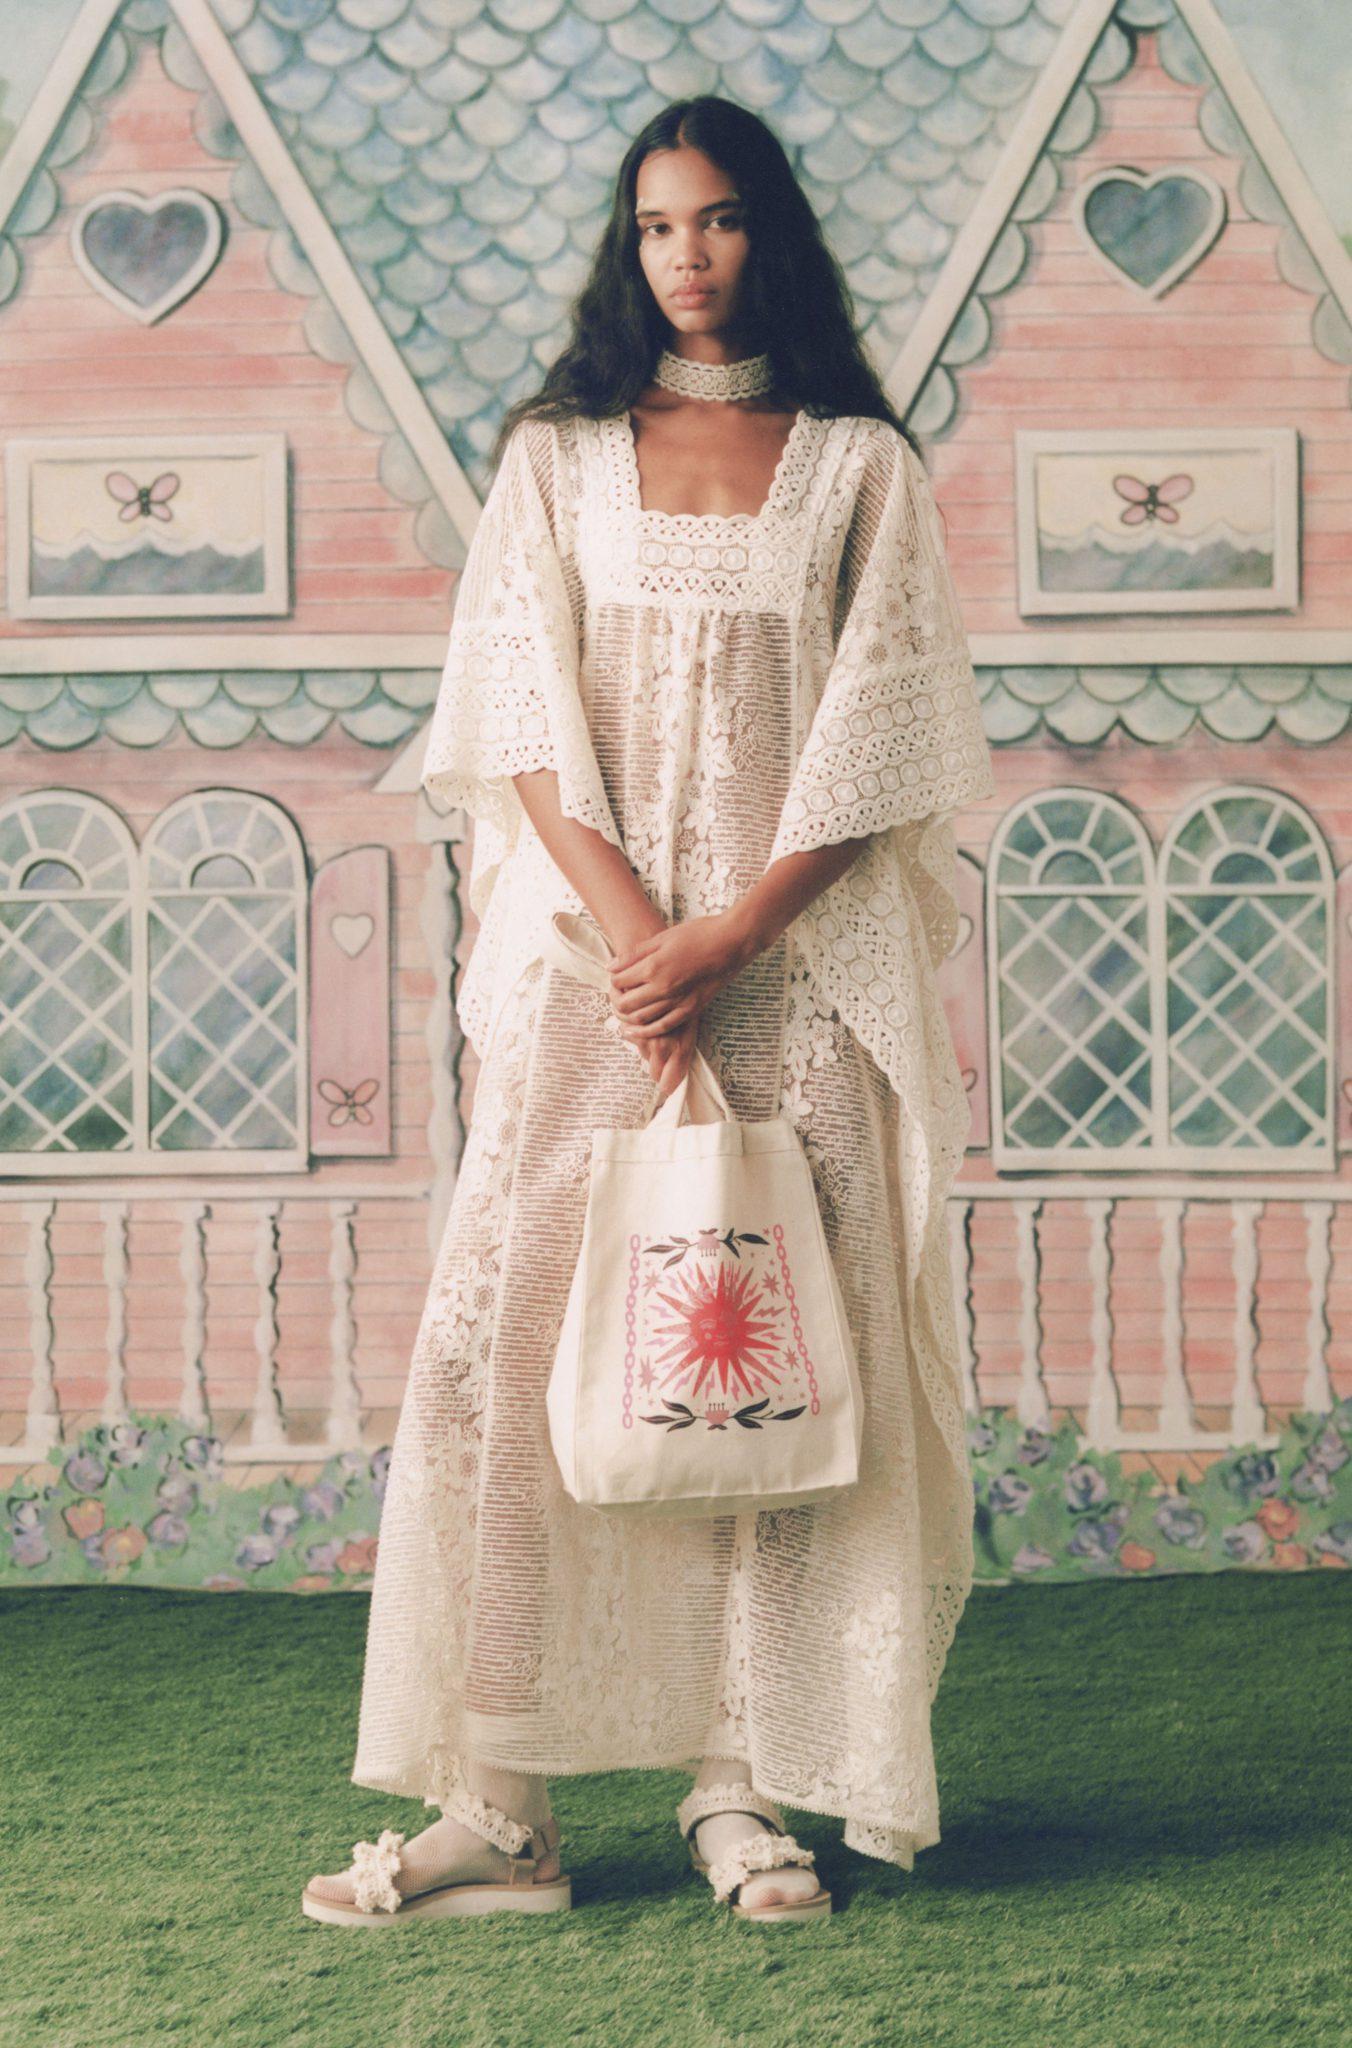 Materialele preferate ale momentului sunt voalul, mătasea, bumbacul și inul. Dacă îți dorești un look angelic, poți purta o rochie în stilul celei Alberta Ferretti, cu un machiaj discret și cu o coafură neglijentă.